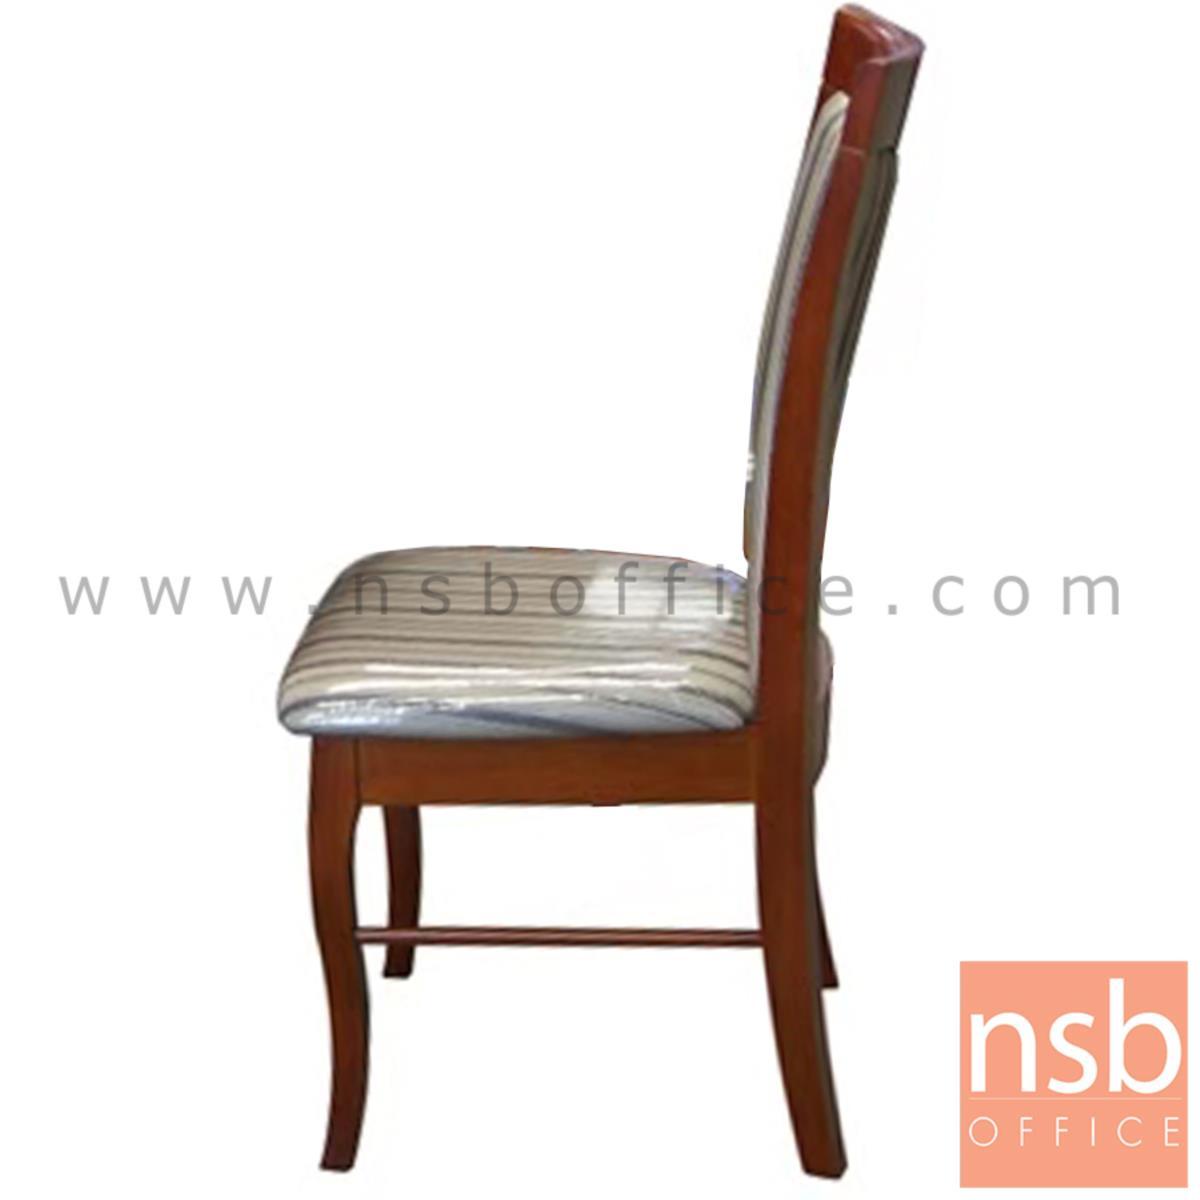 ก้าอี้ไม้ที่นั่งหนังเทียม รุ่น STABLE  ขาไม้ สีน้ำตาลแดง